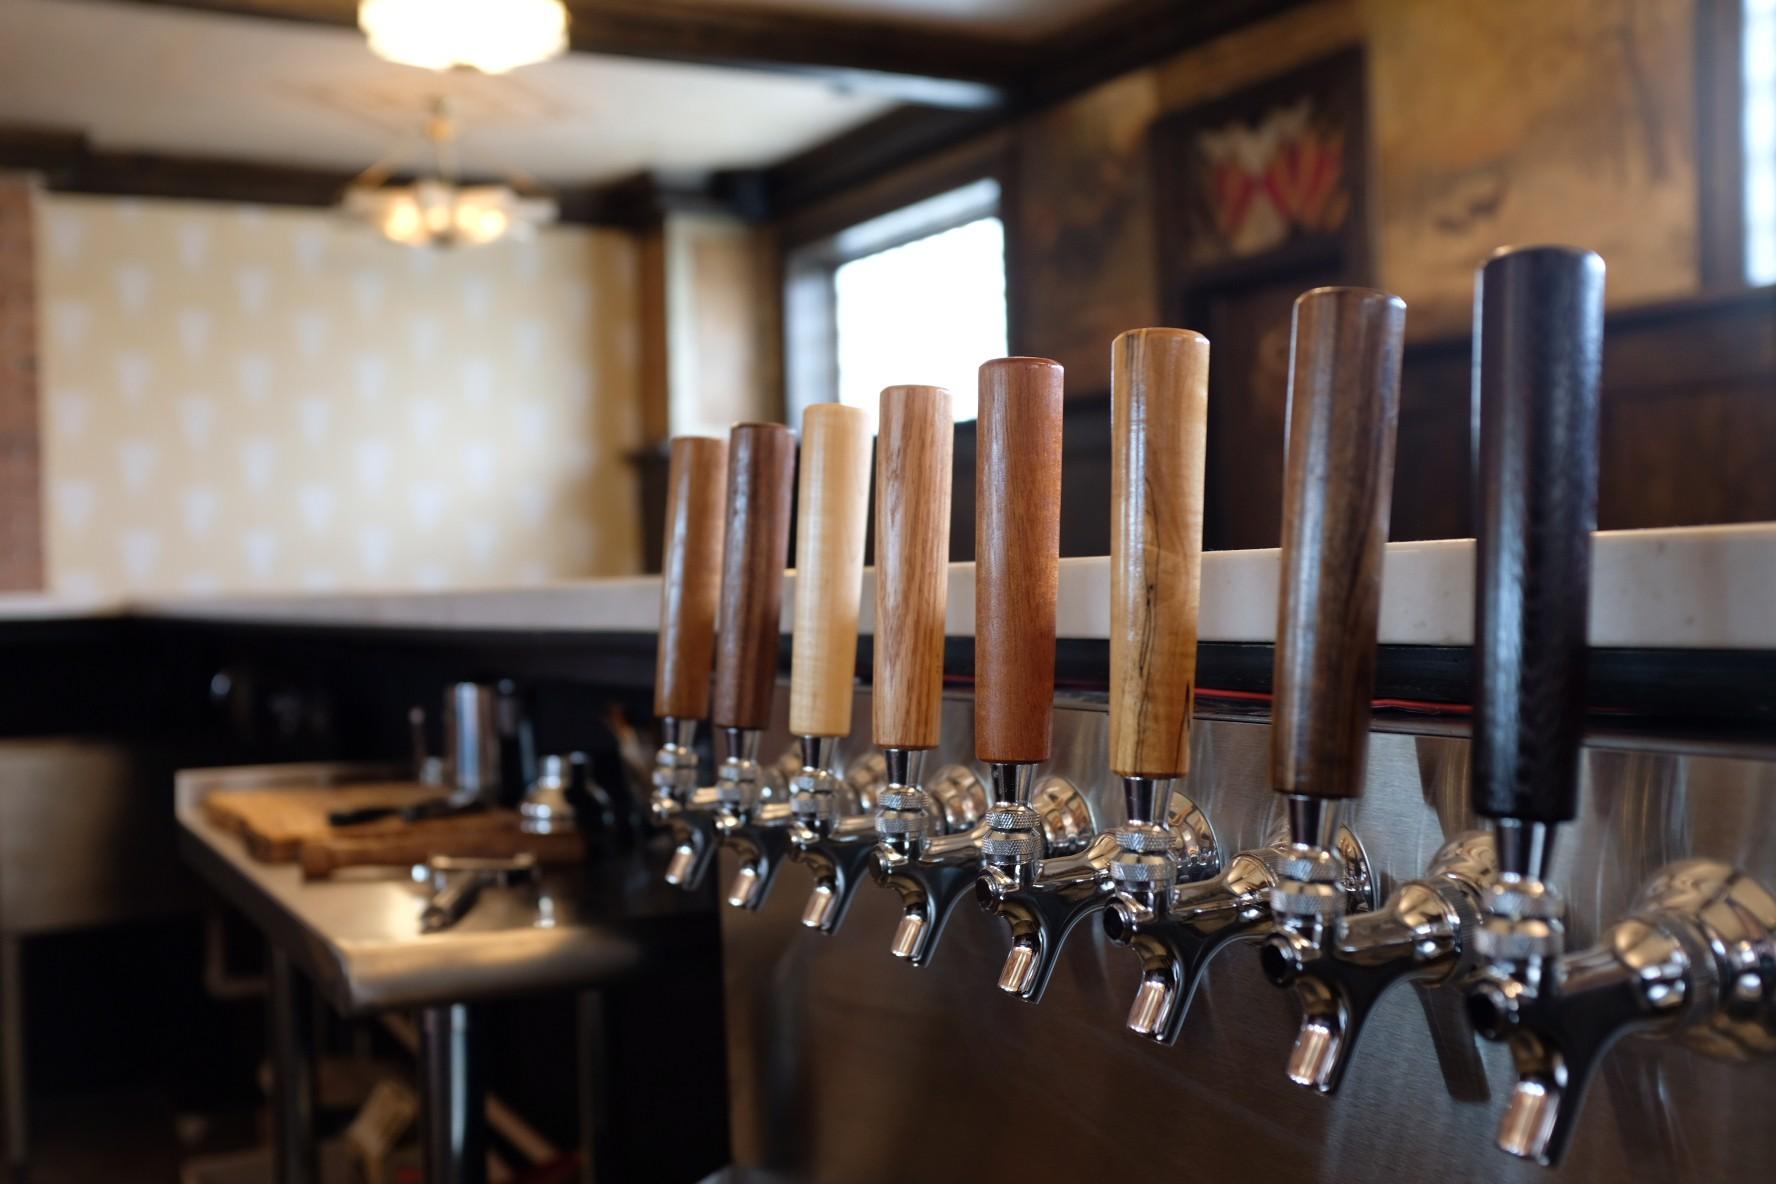 Detroit hook up bars